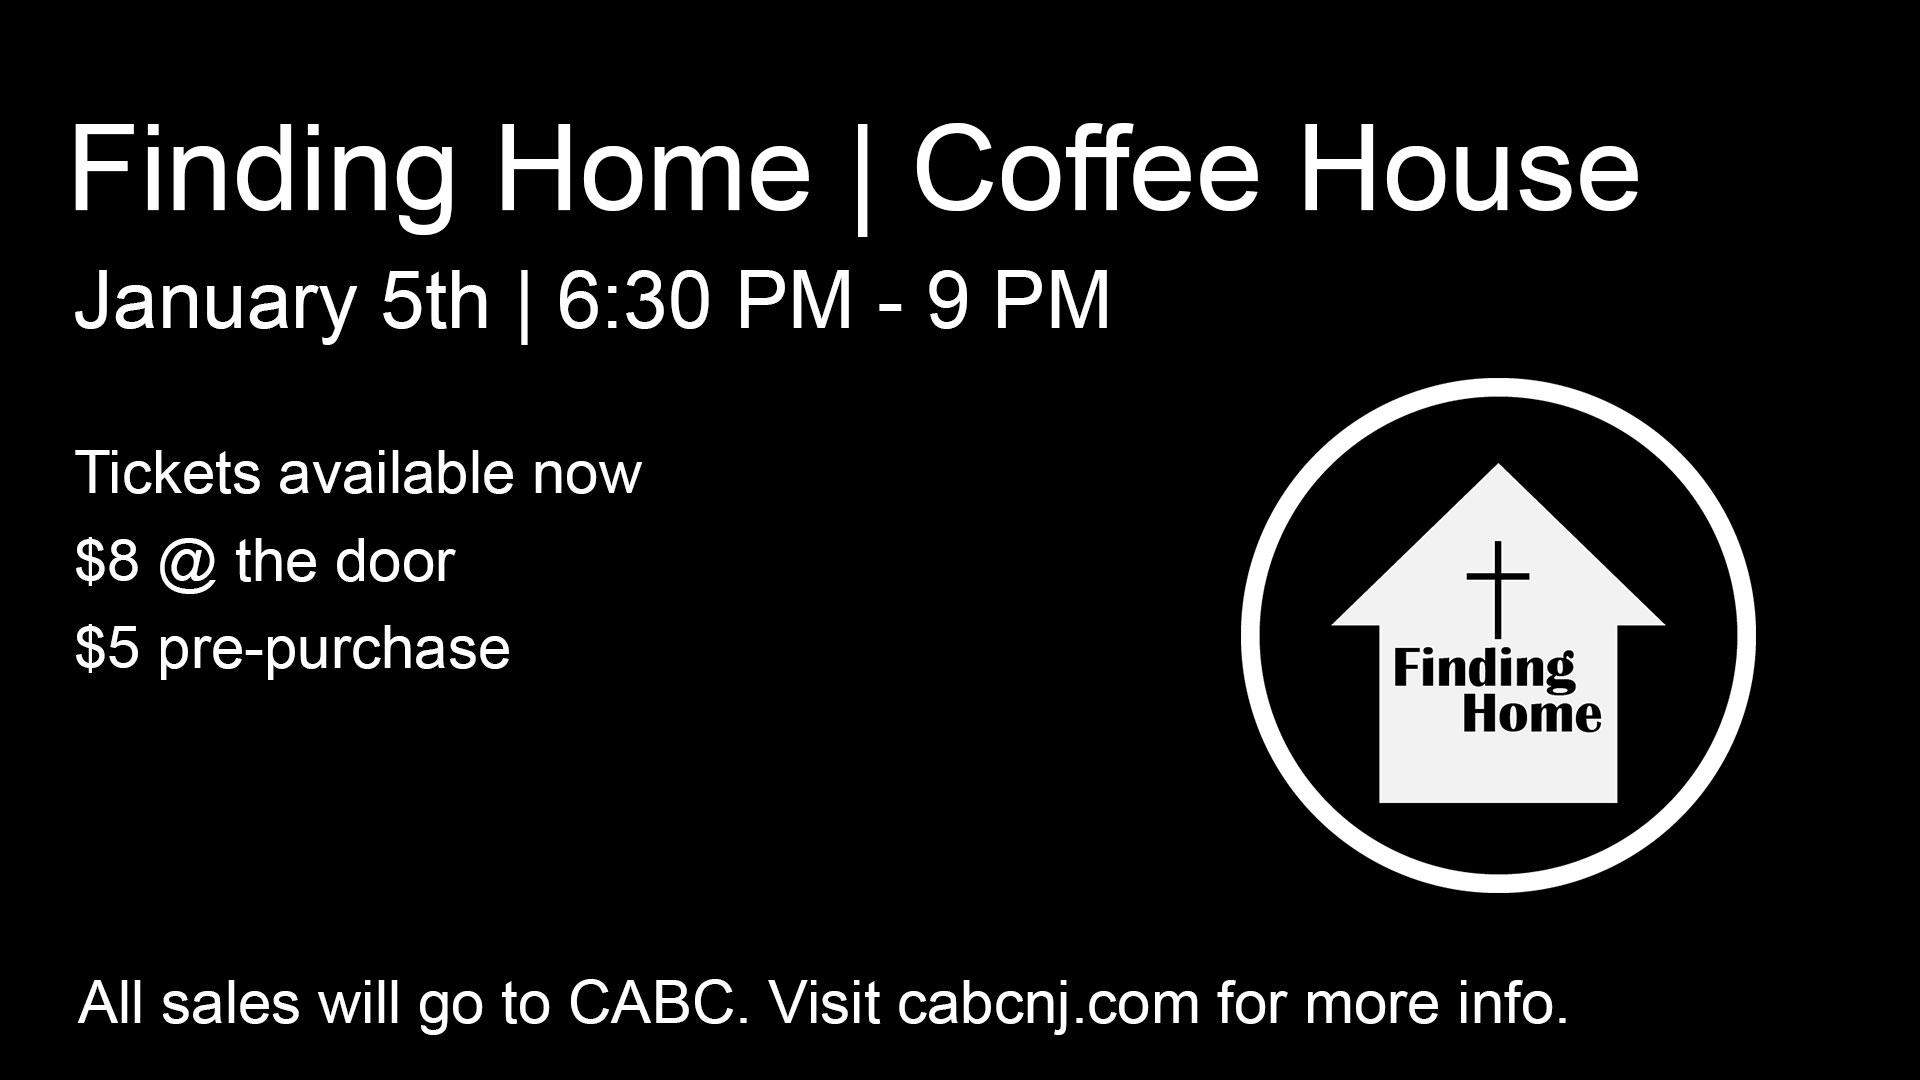 1-Finding-Home-Slide-Dec-9.jpg